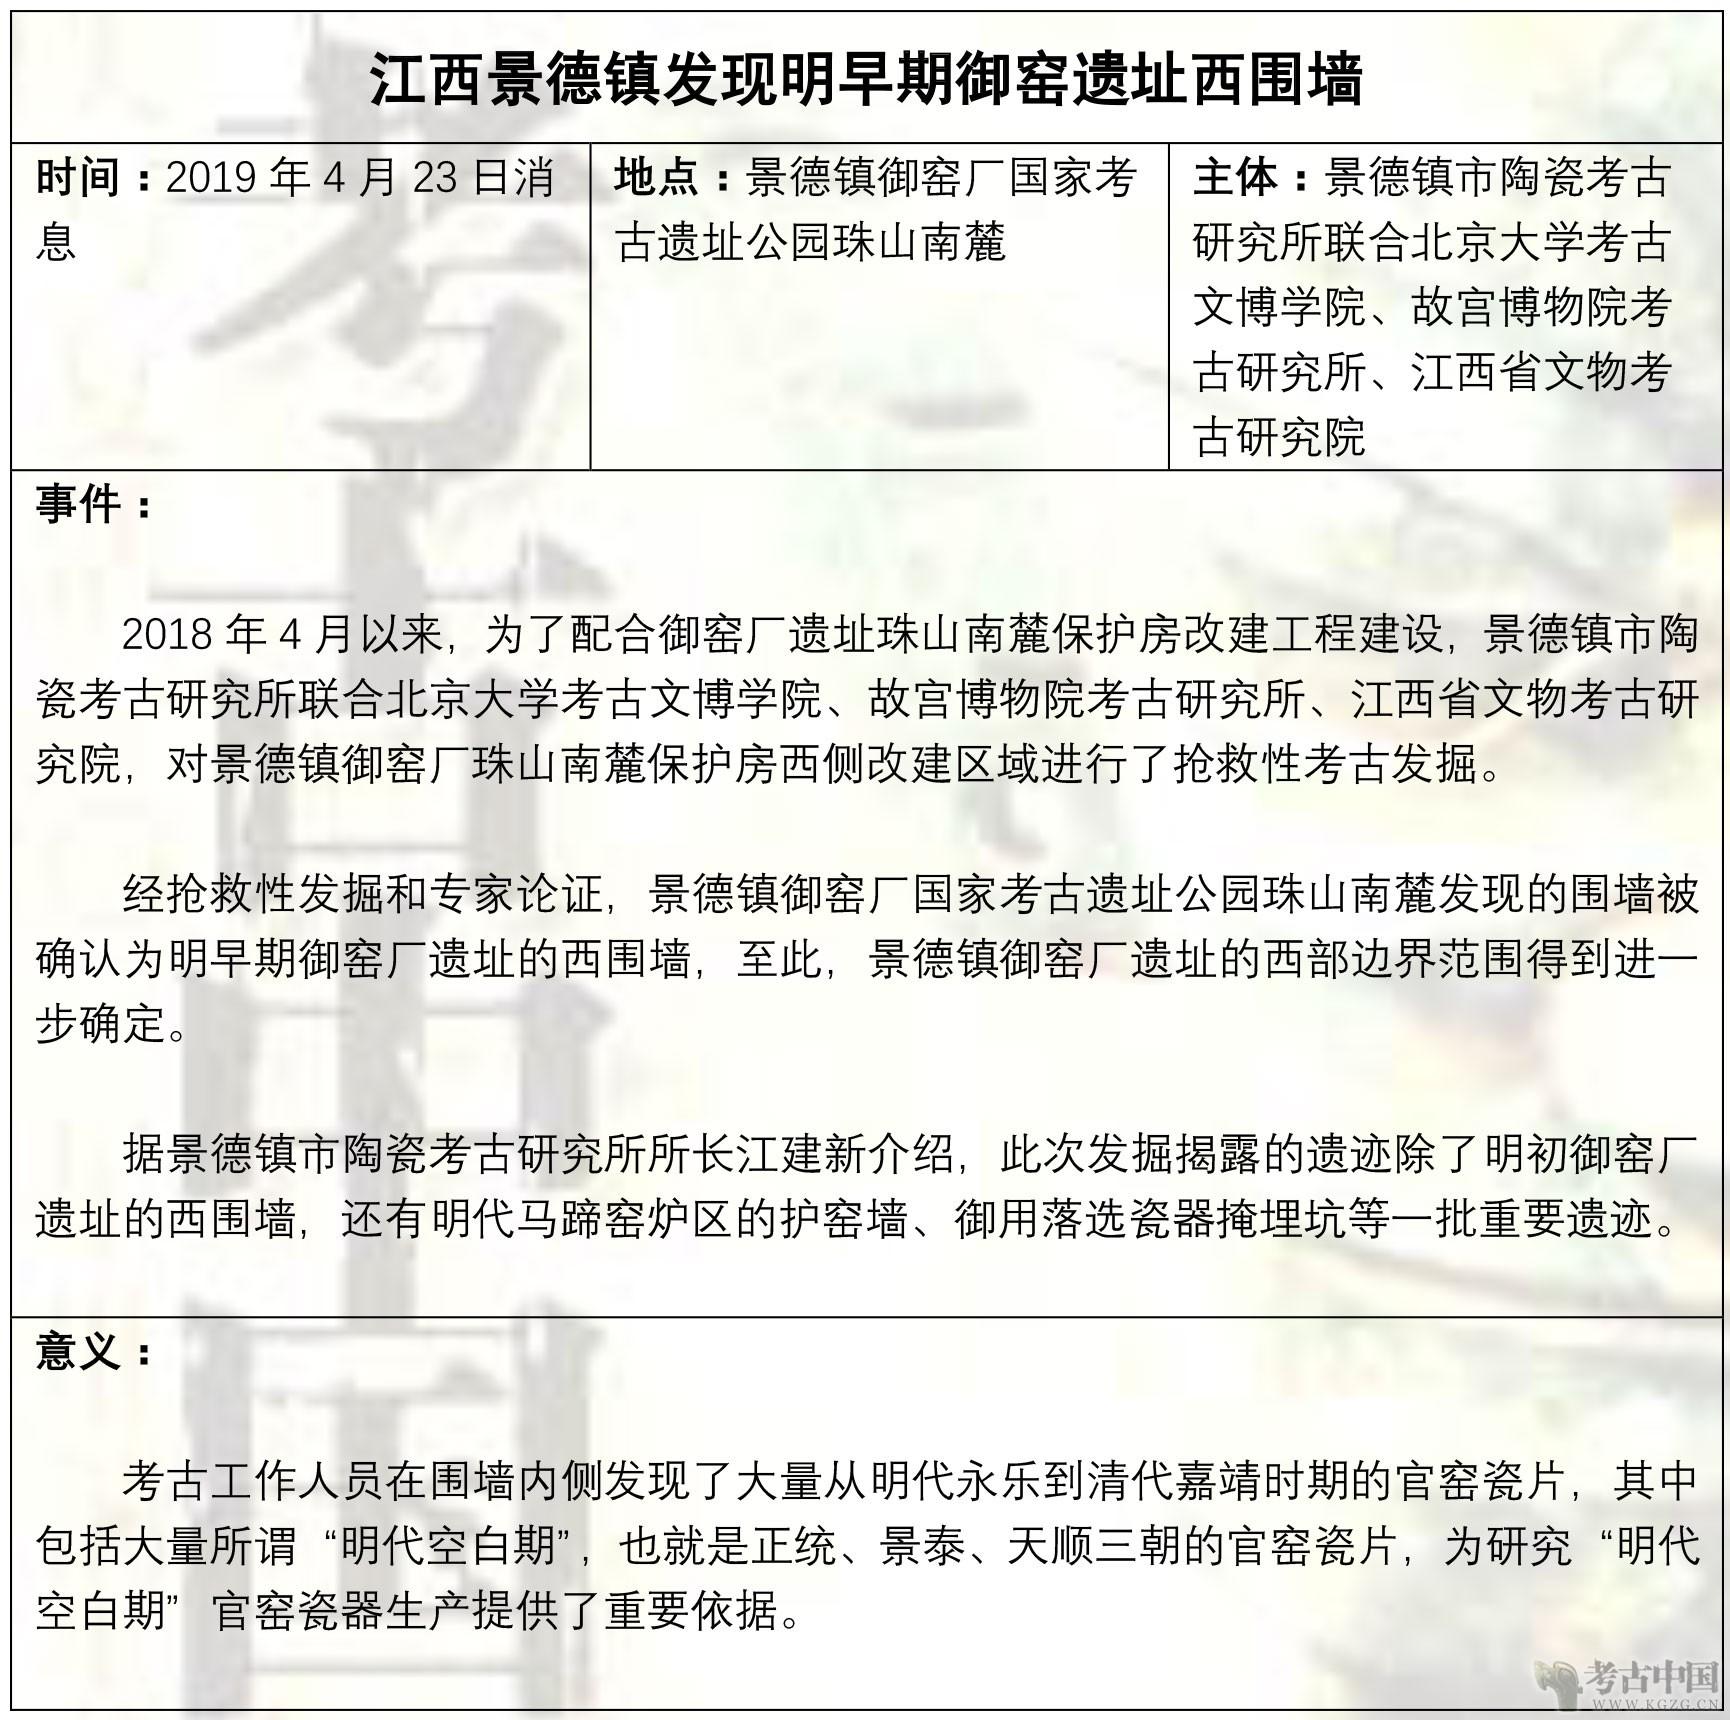 江西景德镇发现明早期御窑遗址西围墙